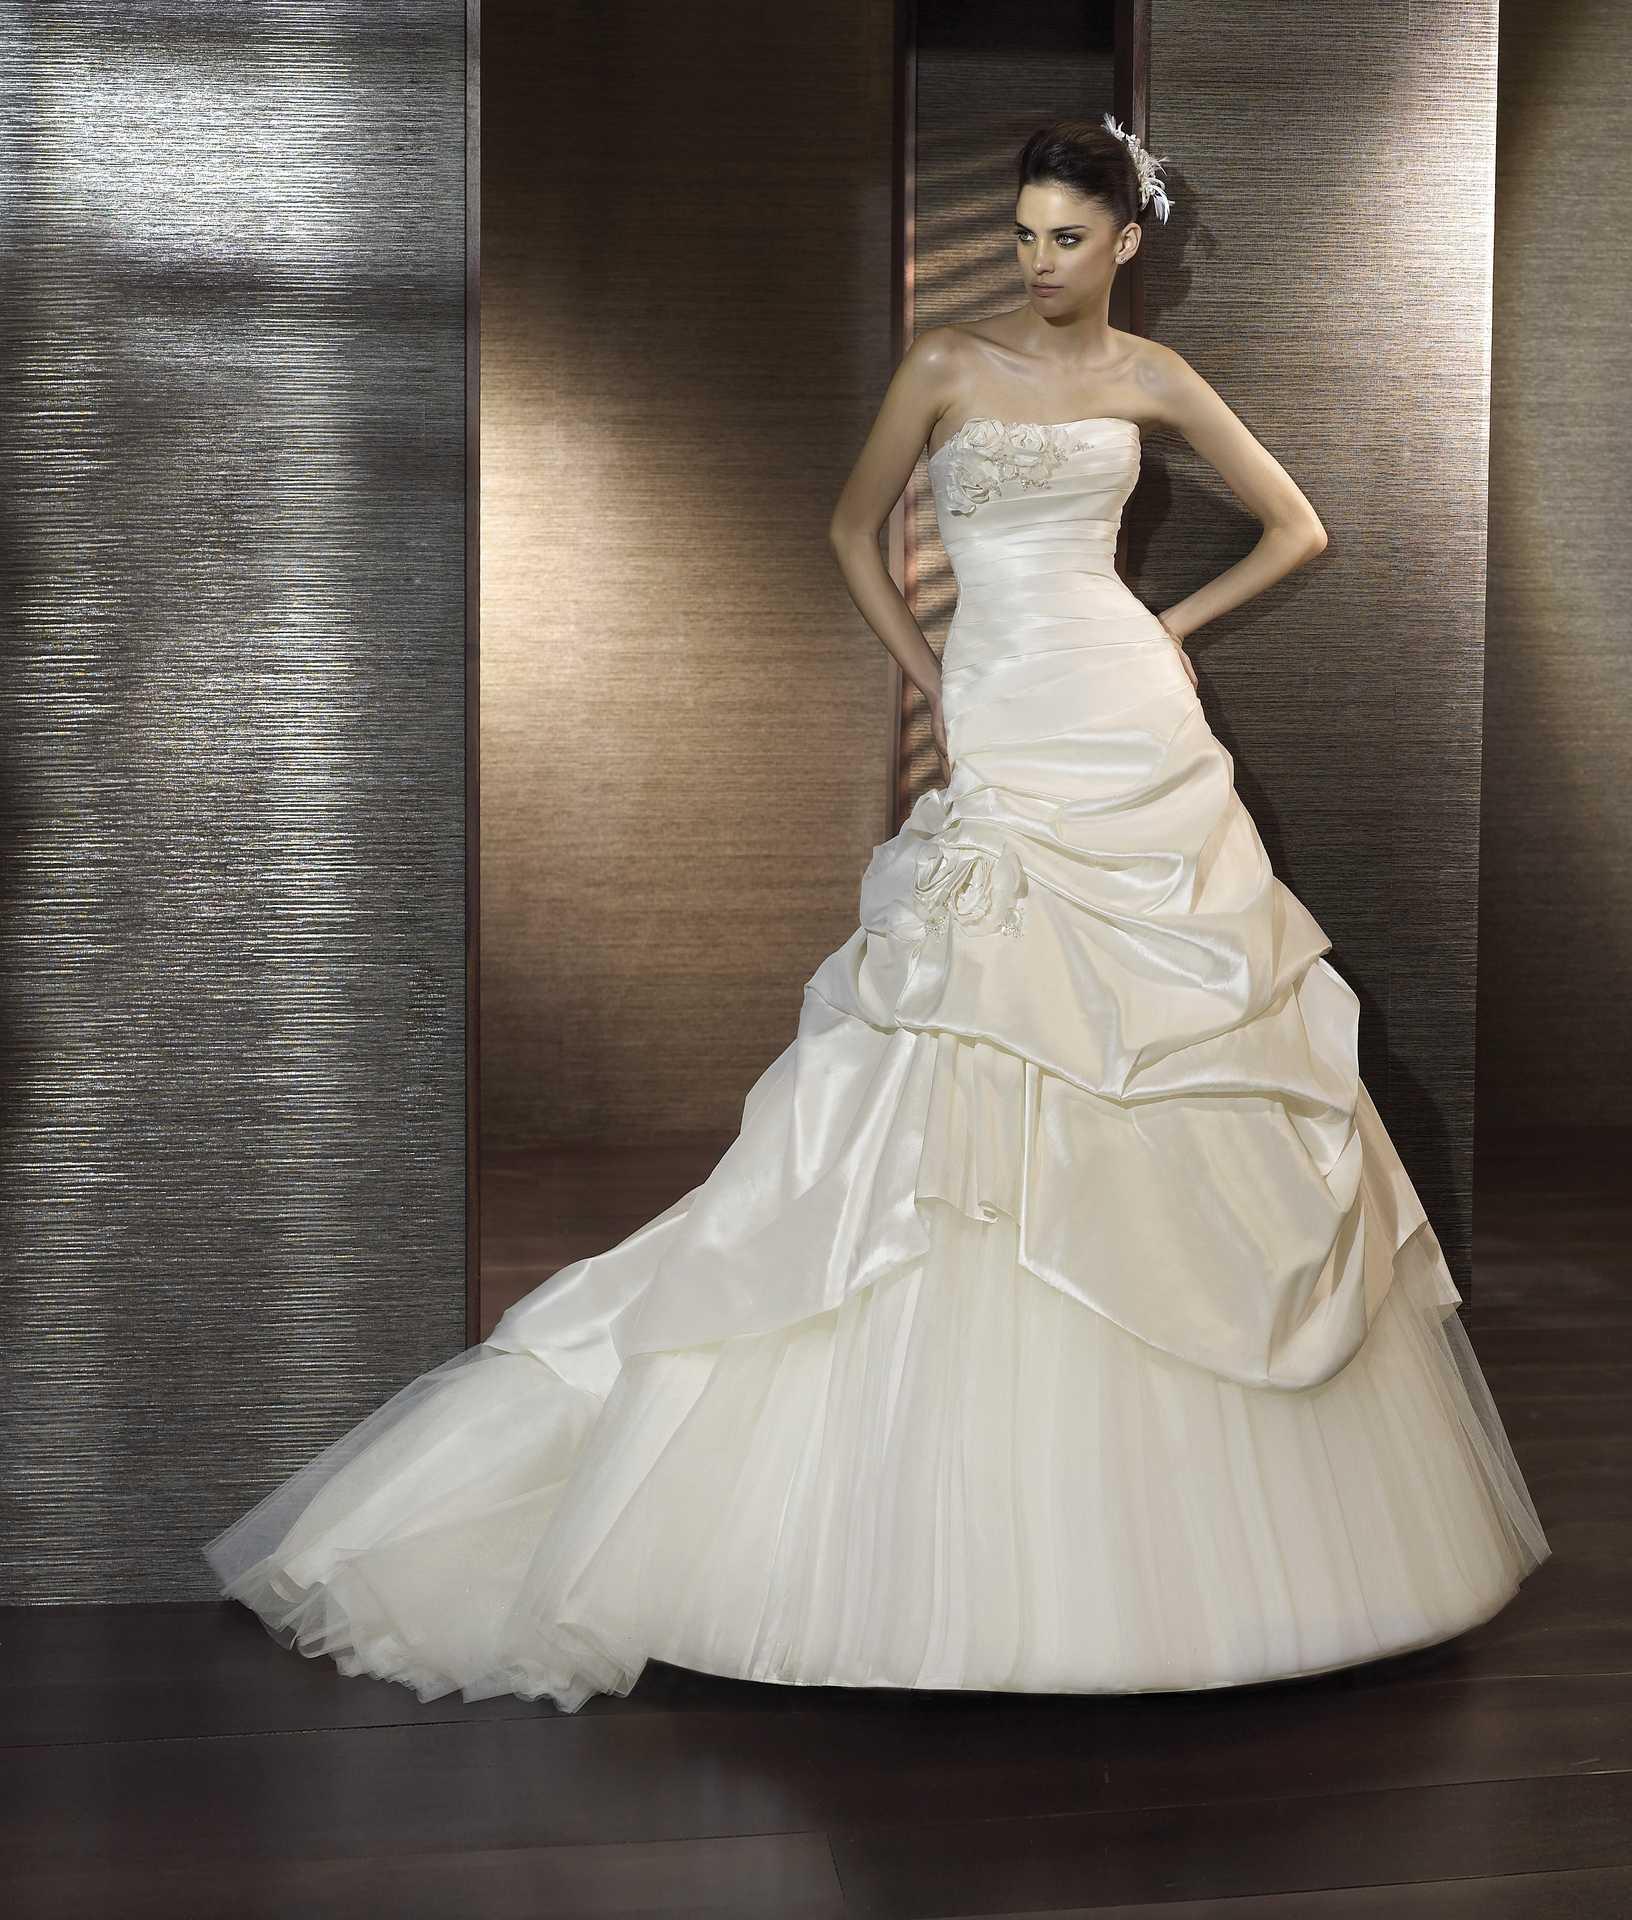 fb4d1121af1 Свадебные платья по средней цене